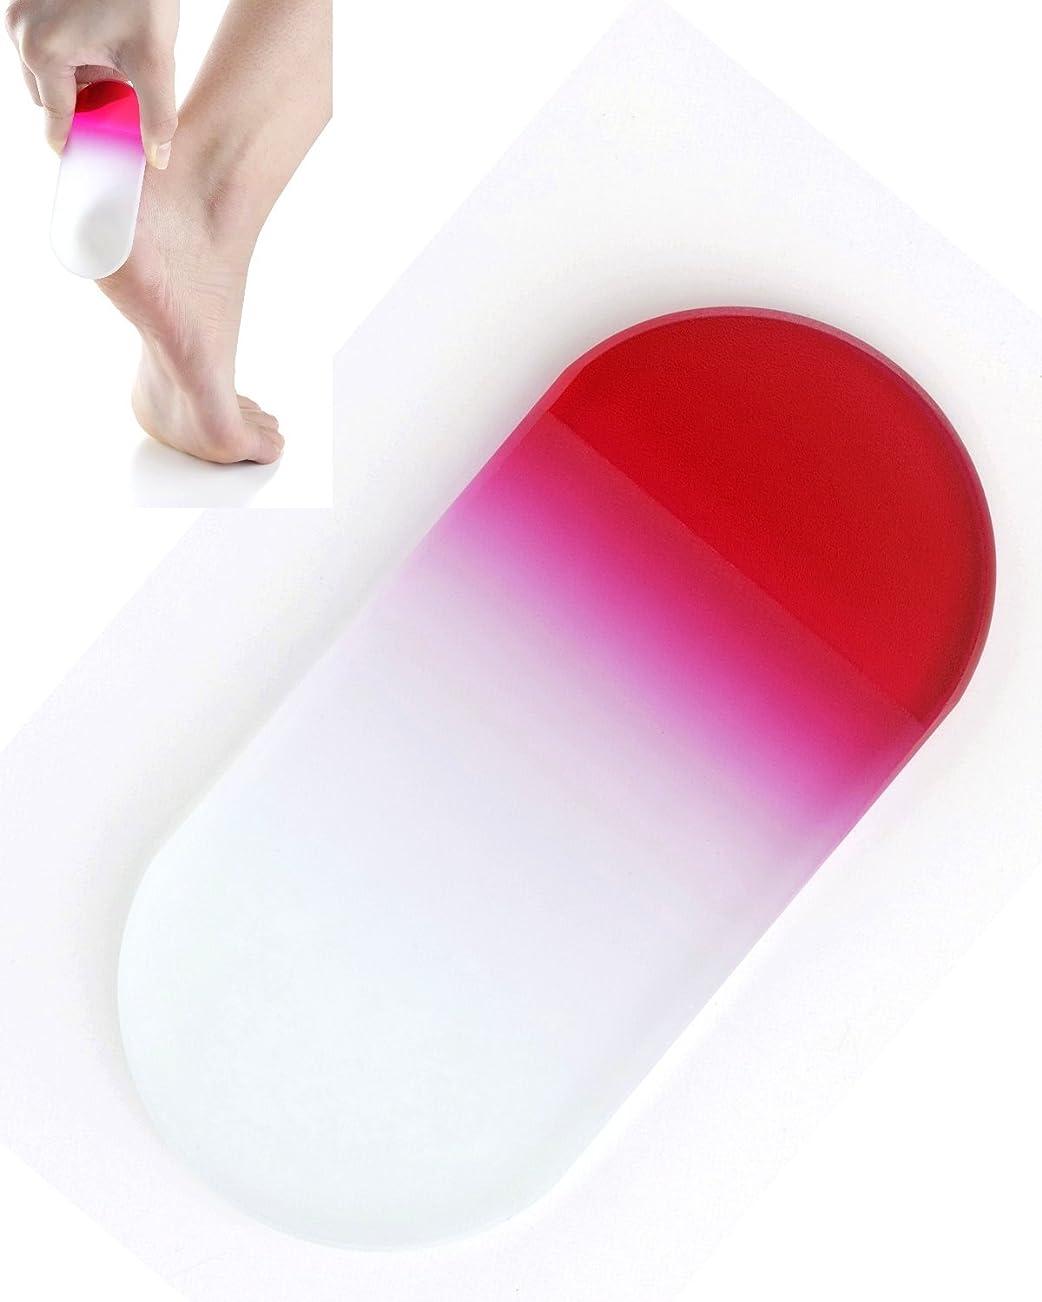 に沿って曲線人間BISON チェコ製ガラス かかとキレイ ピンク 荒目/細目両面 専用ケース付 介護用